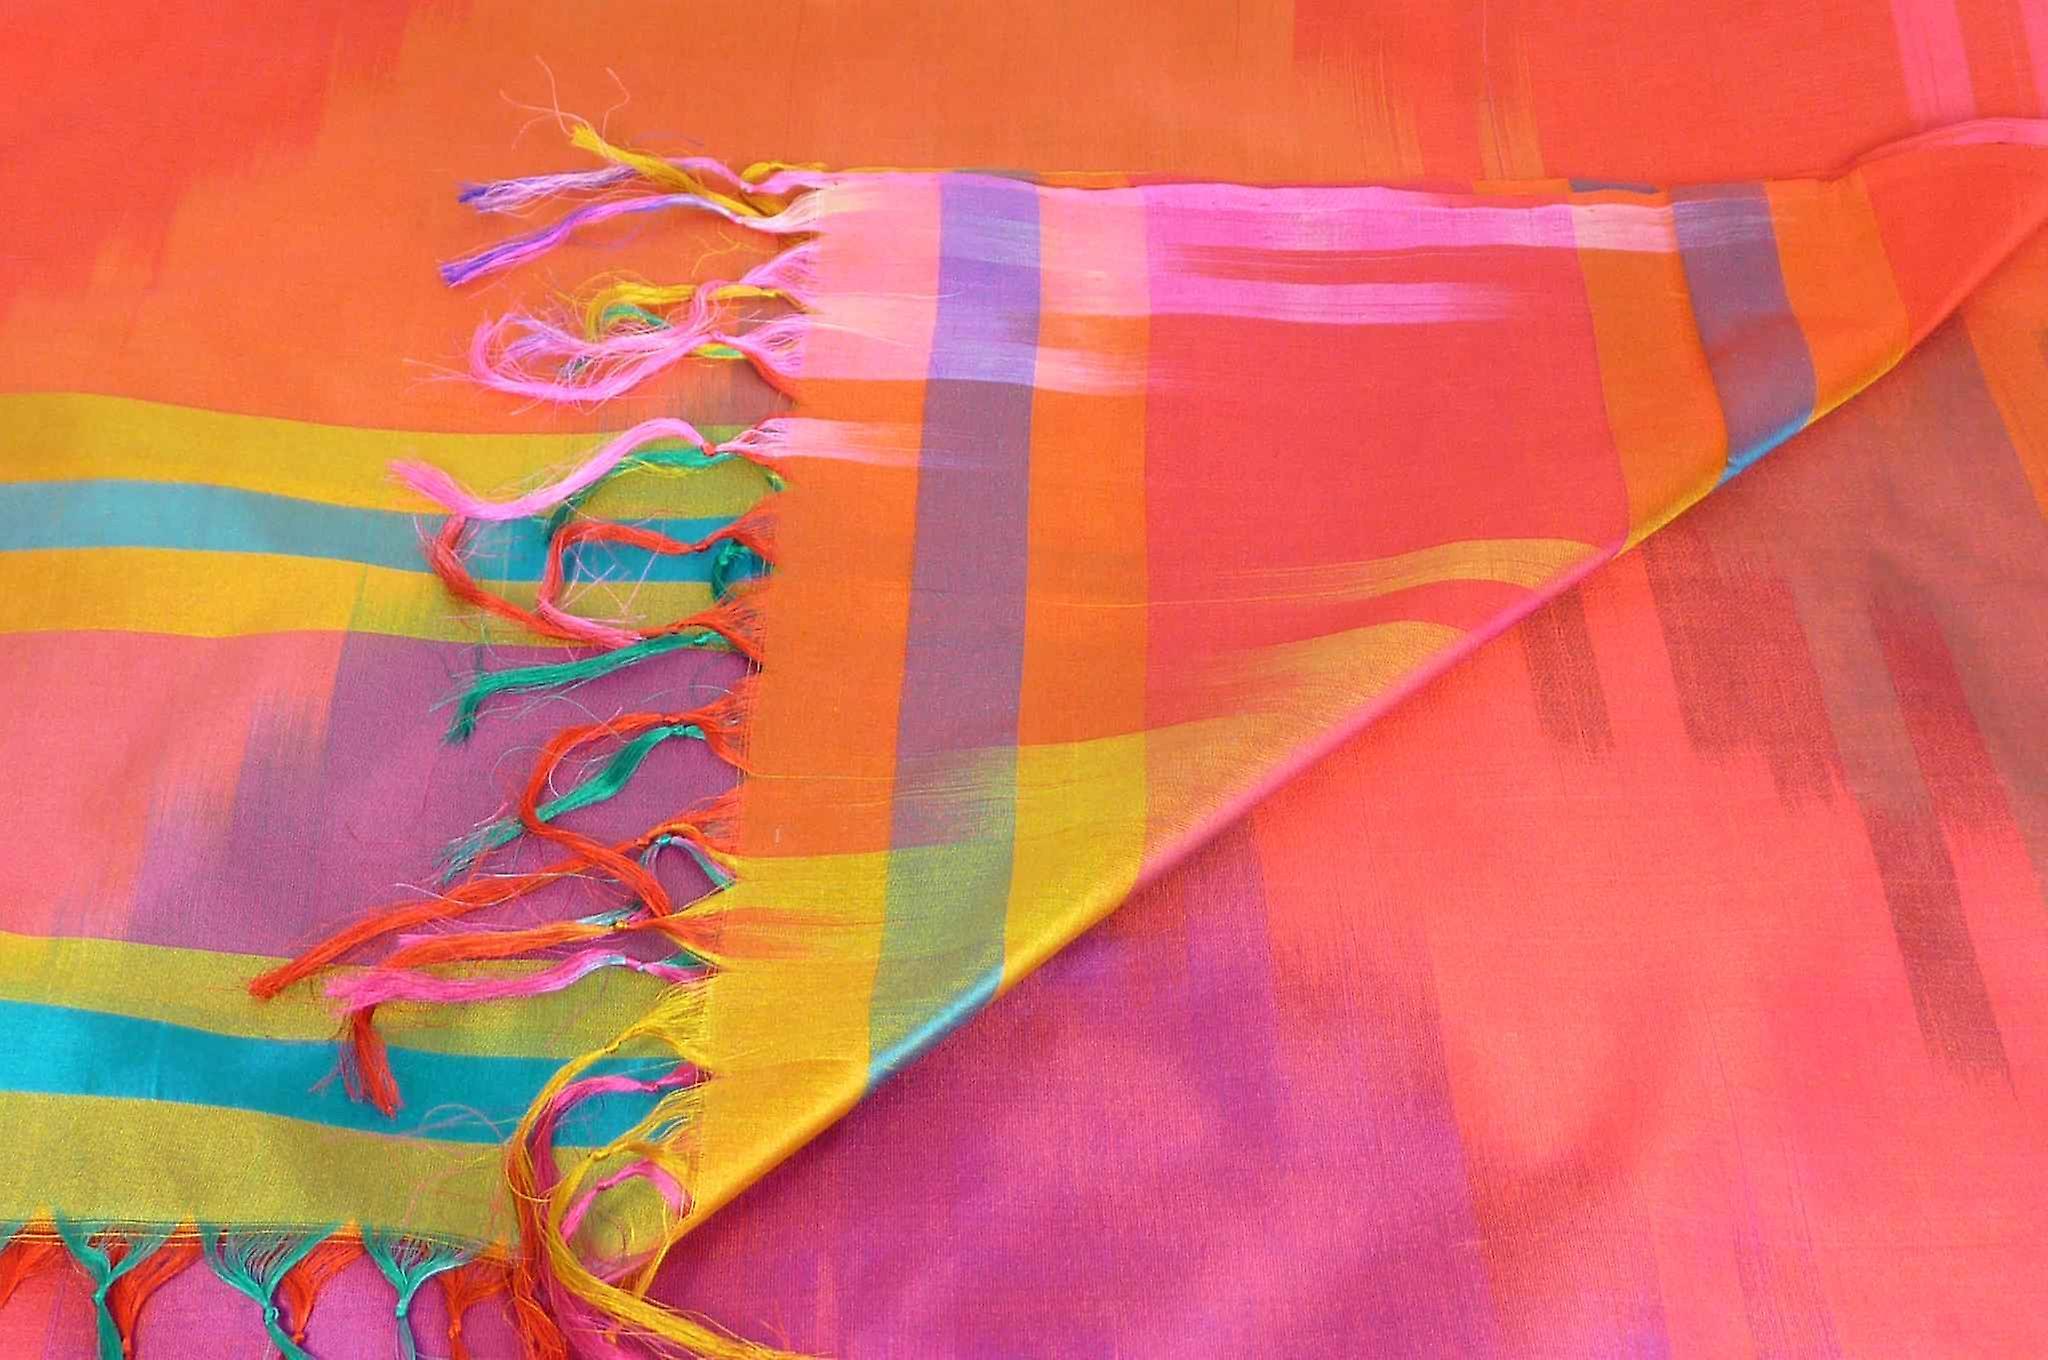 Varanasi Ekal Premium Silk Long Scarf Heritage Range Narayan 4 by Pashmina & Silk